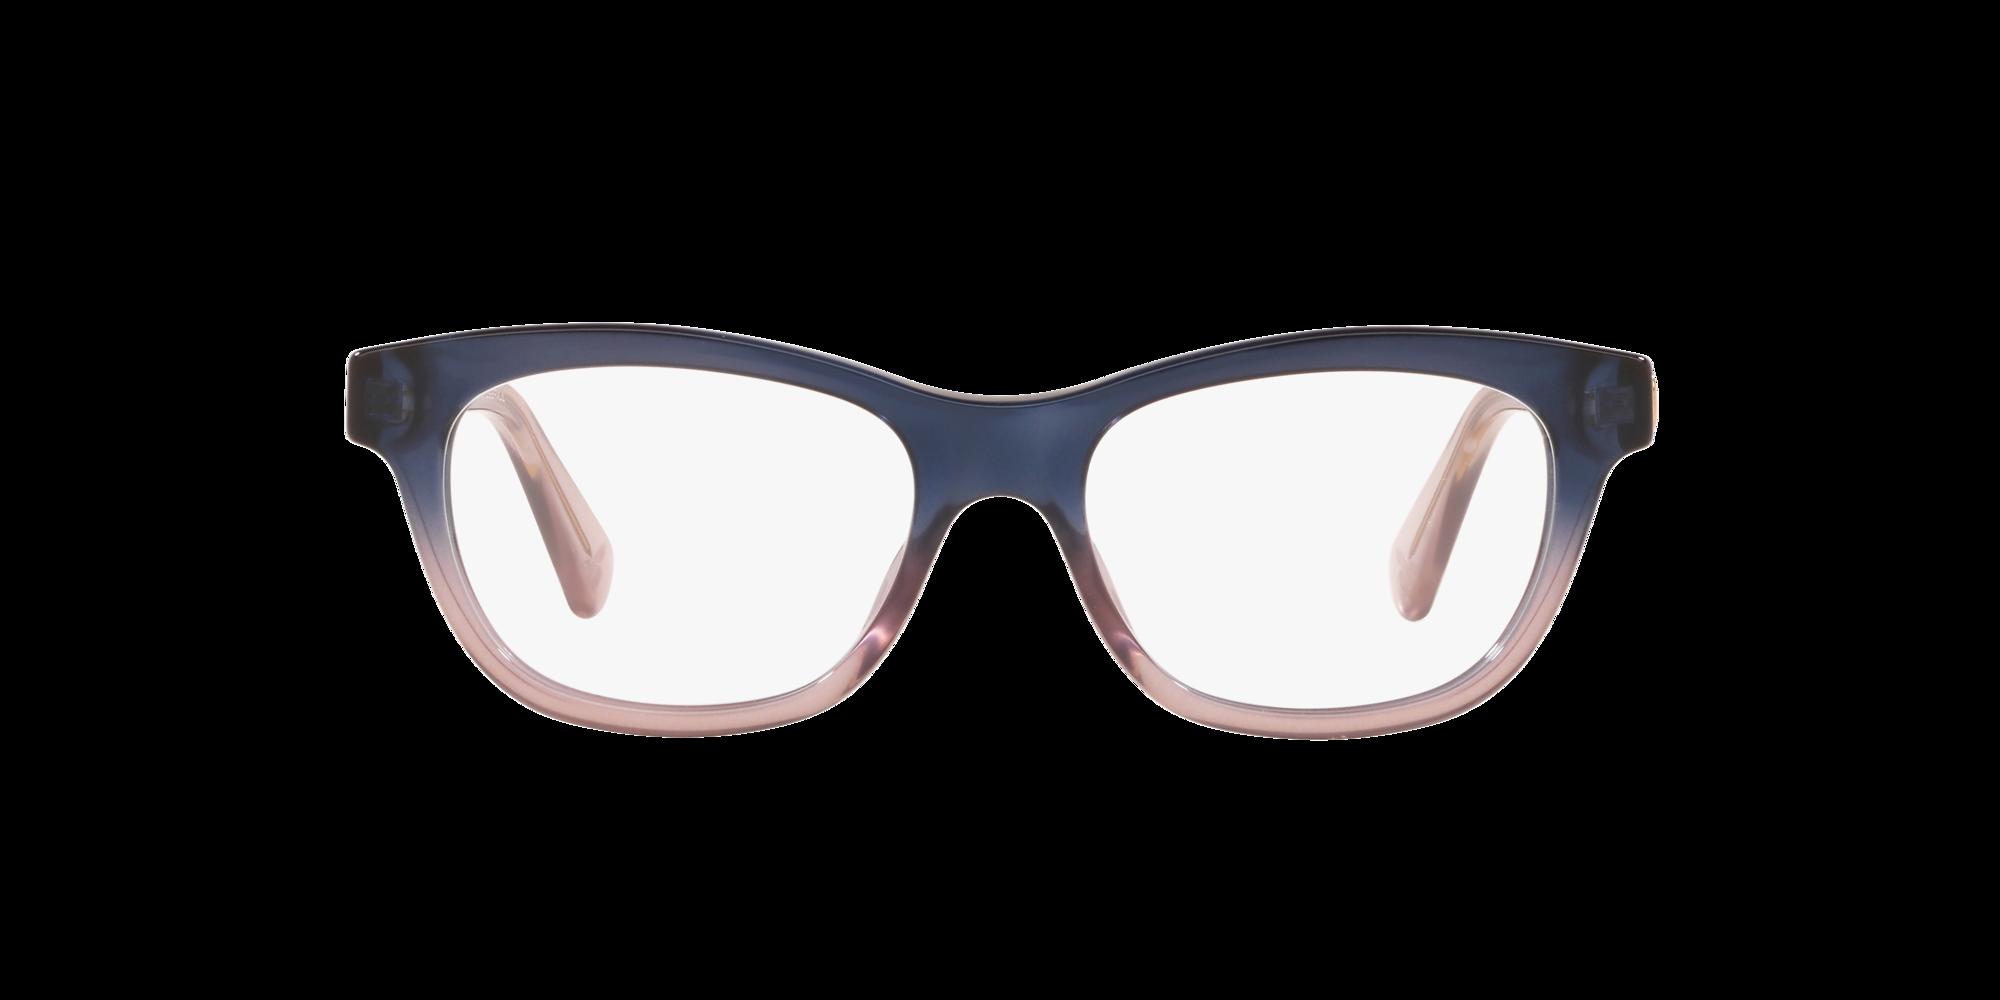 Imagen para GG0372O de LensCrafters |  Espejuelos, espejuelos graduados en línea, gafas